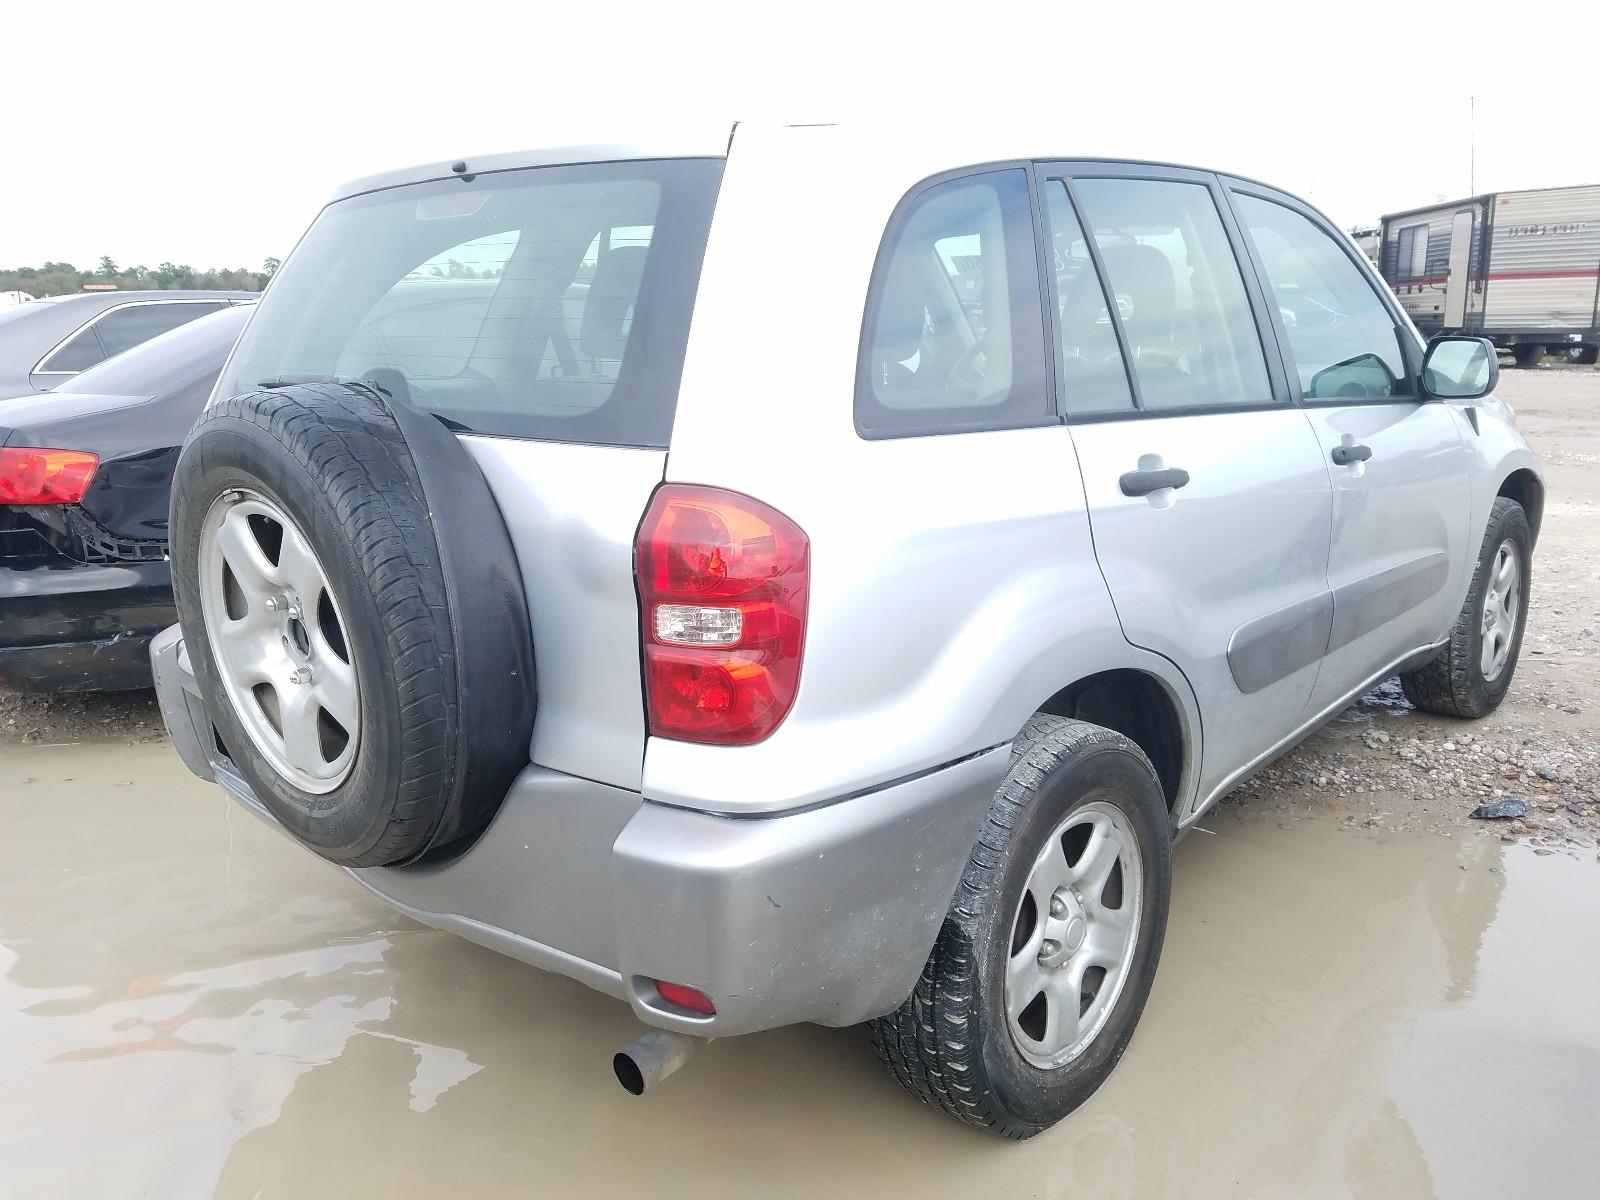 JTEGD20V740042385 - 2004 Toyota Rav4 2.4L rear view